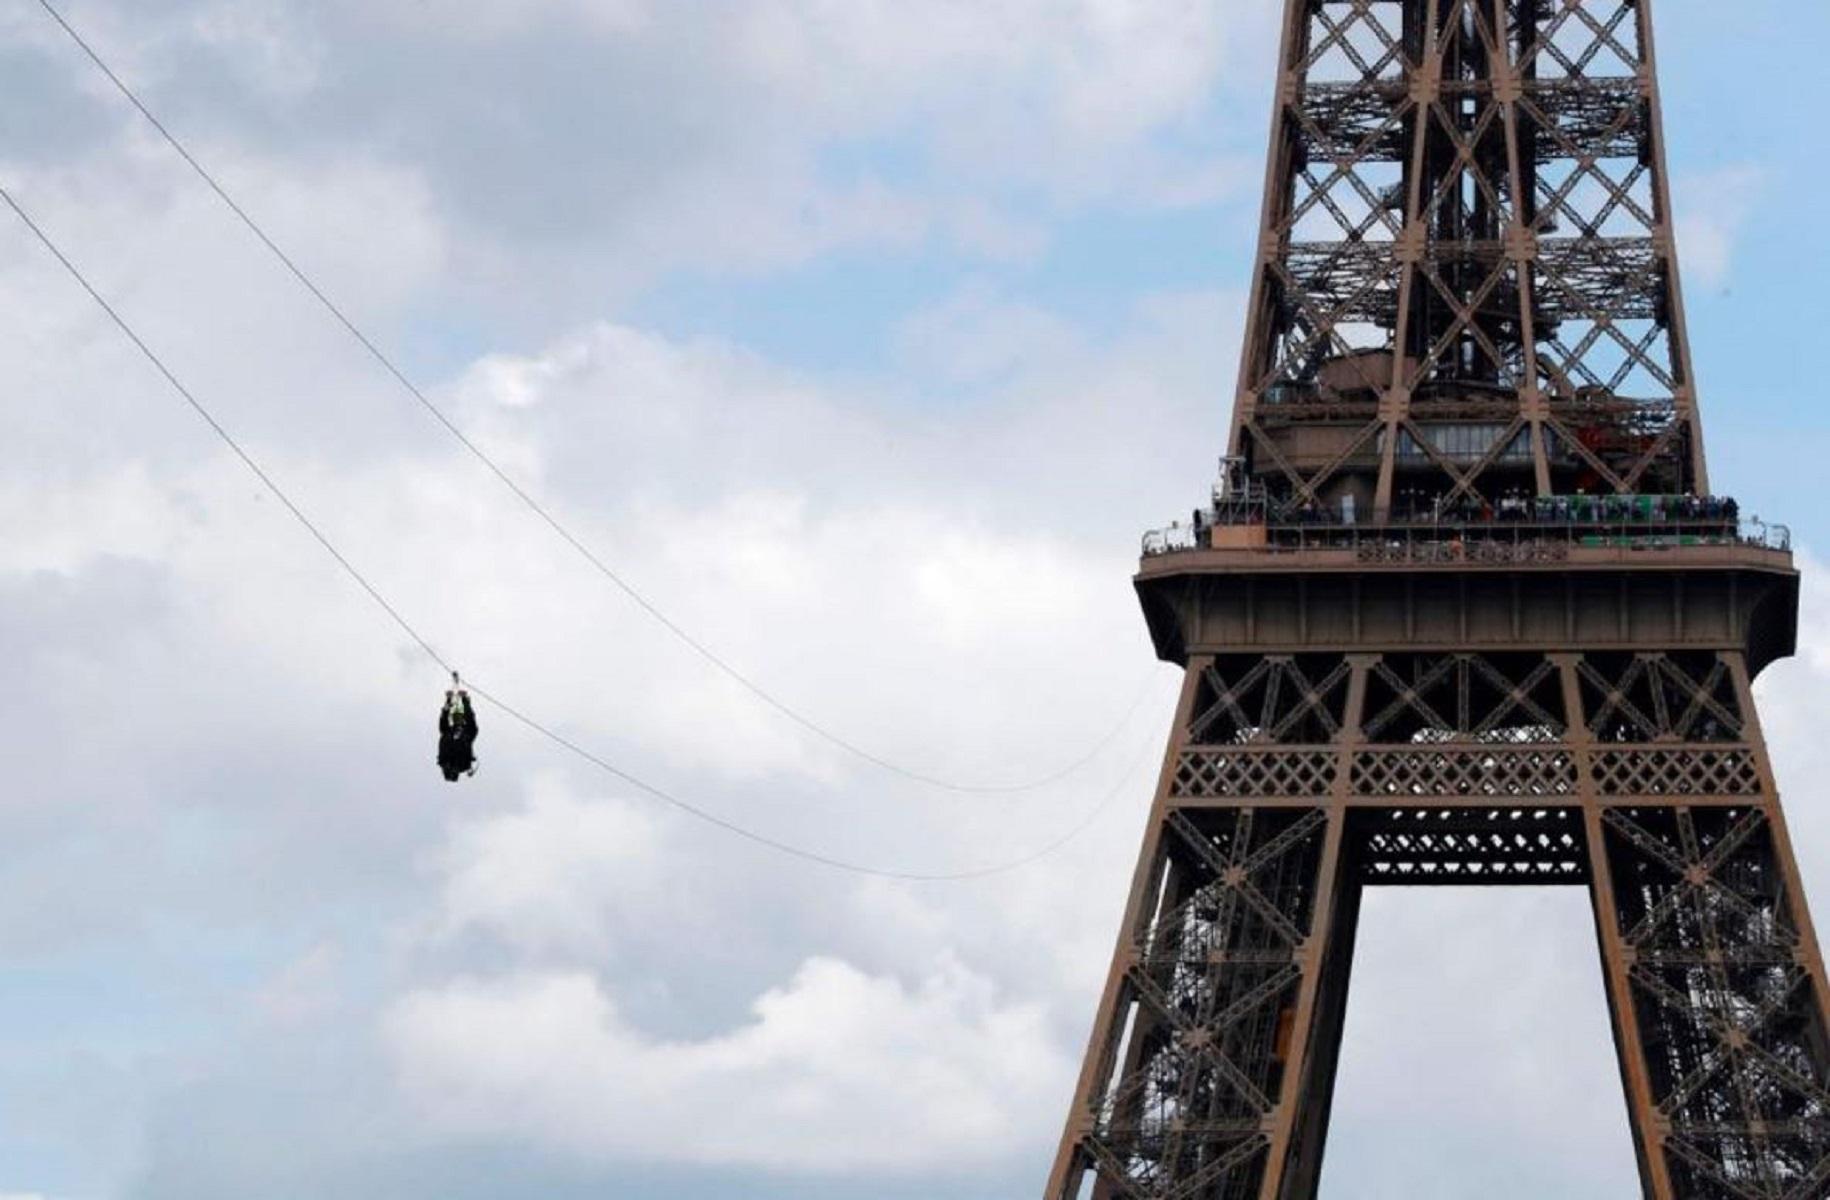 La Tour Eiffel compie 130 anni e inaugura la zip line